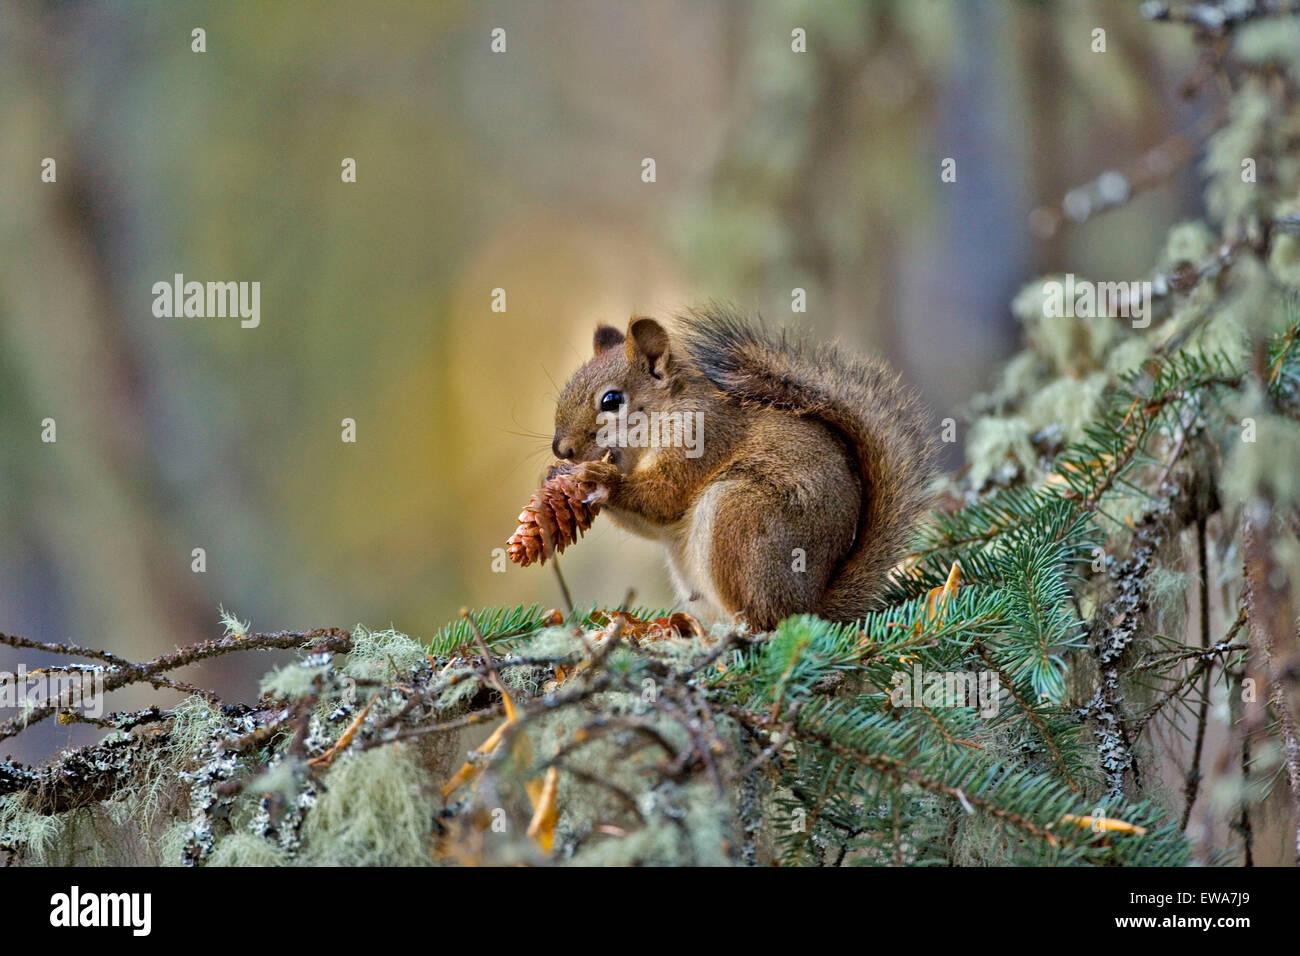 L'Écureuil roux en arbre, se nourrissant de graines de cônes Photo Stock